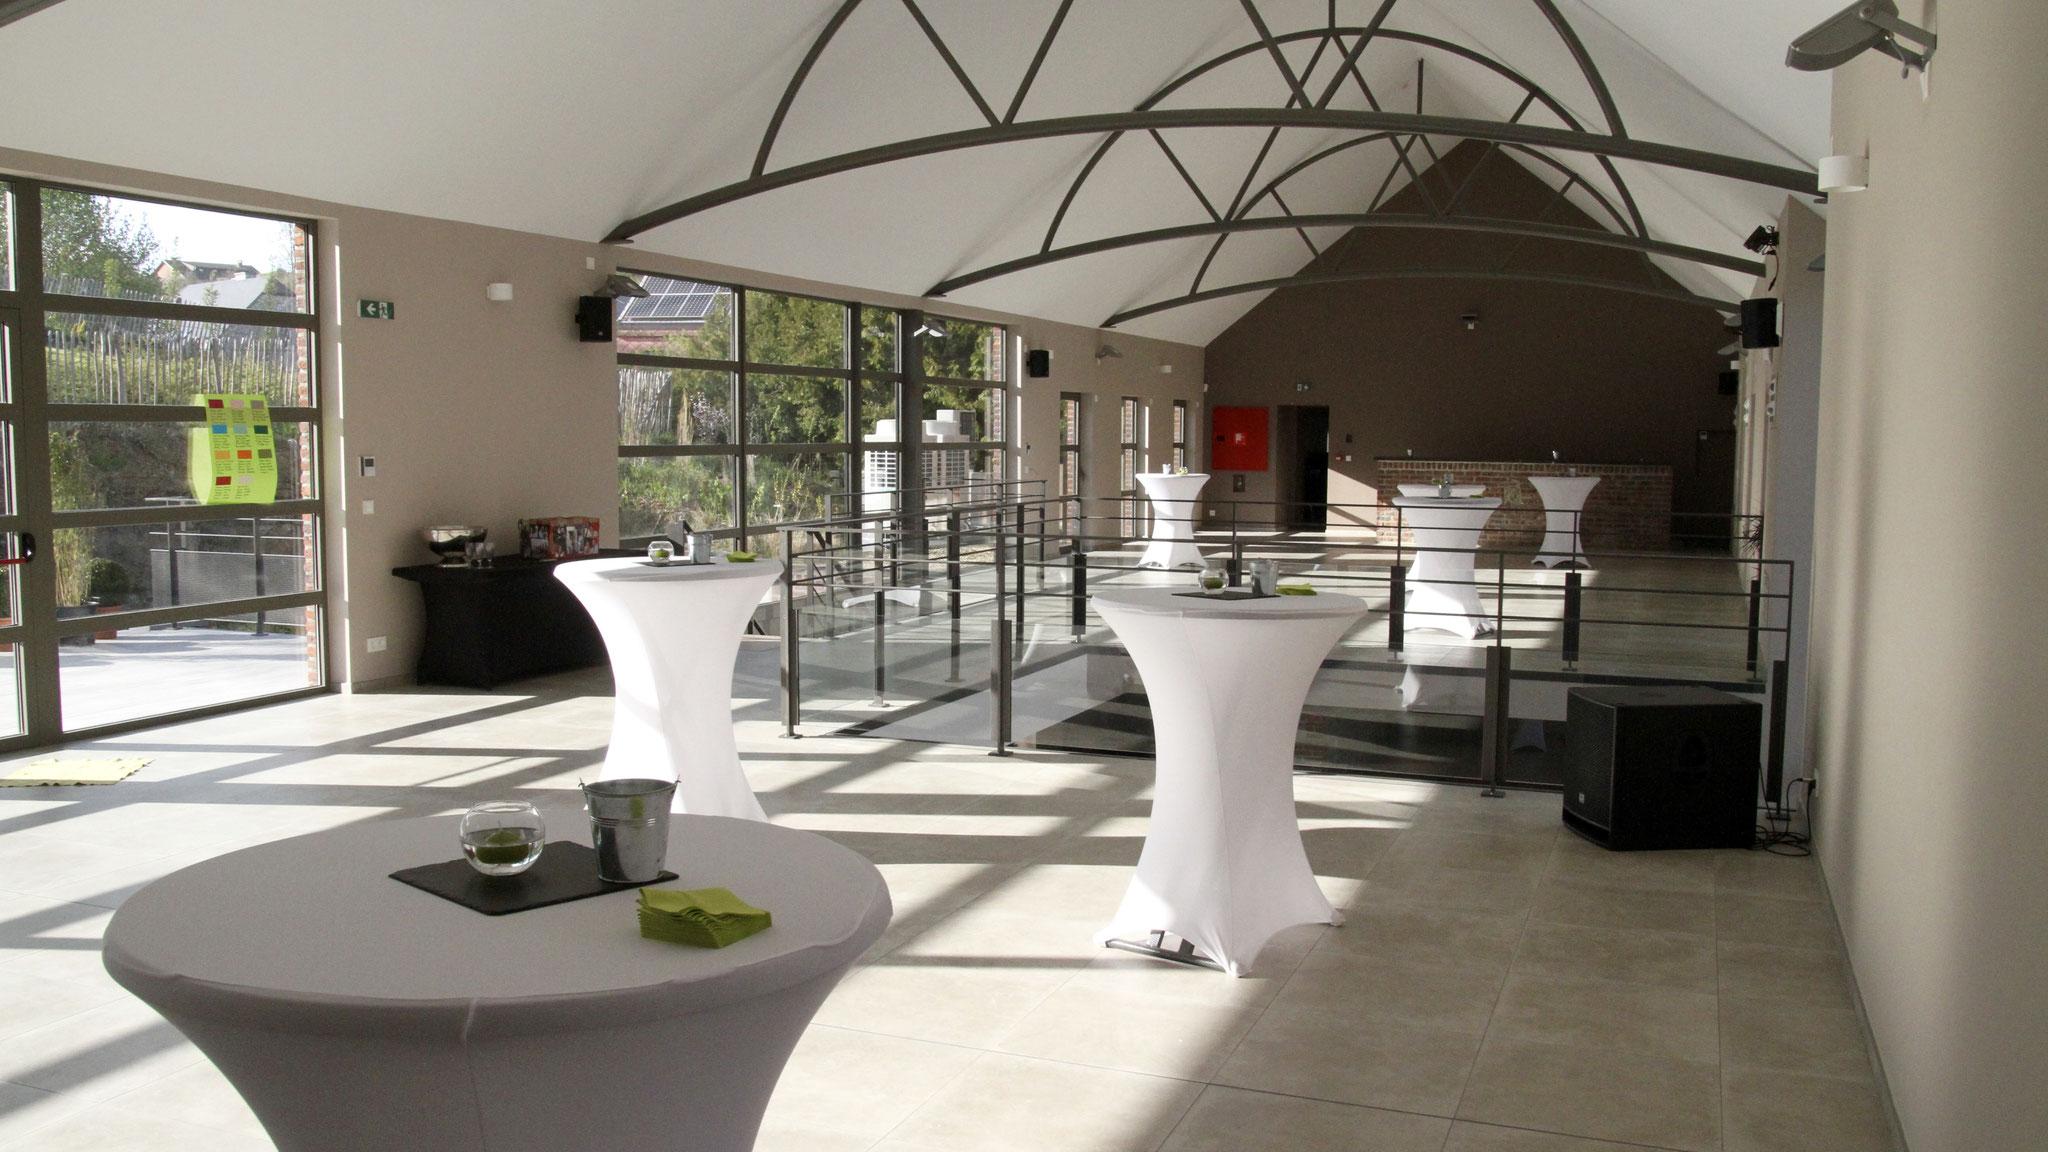 Salles de fêtes sur deux niveaux au sud de Charleroi